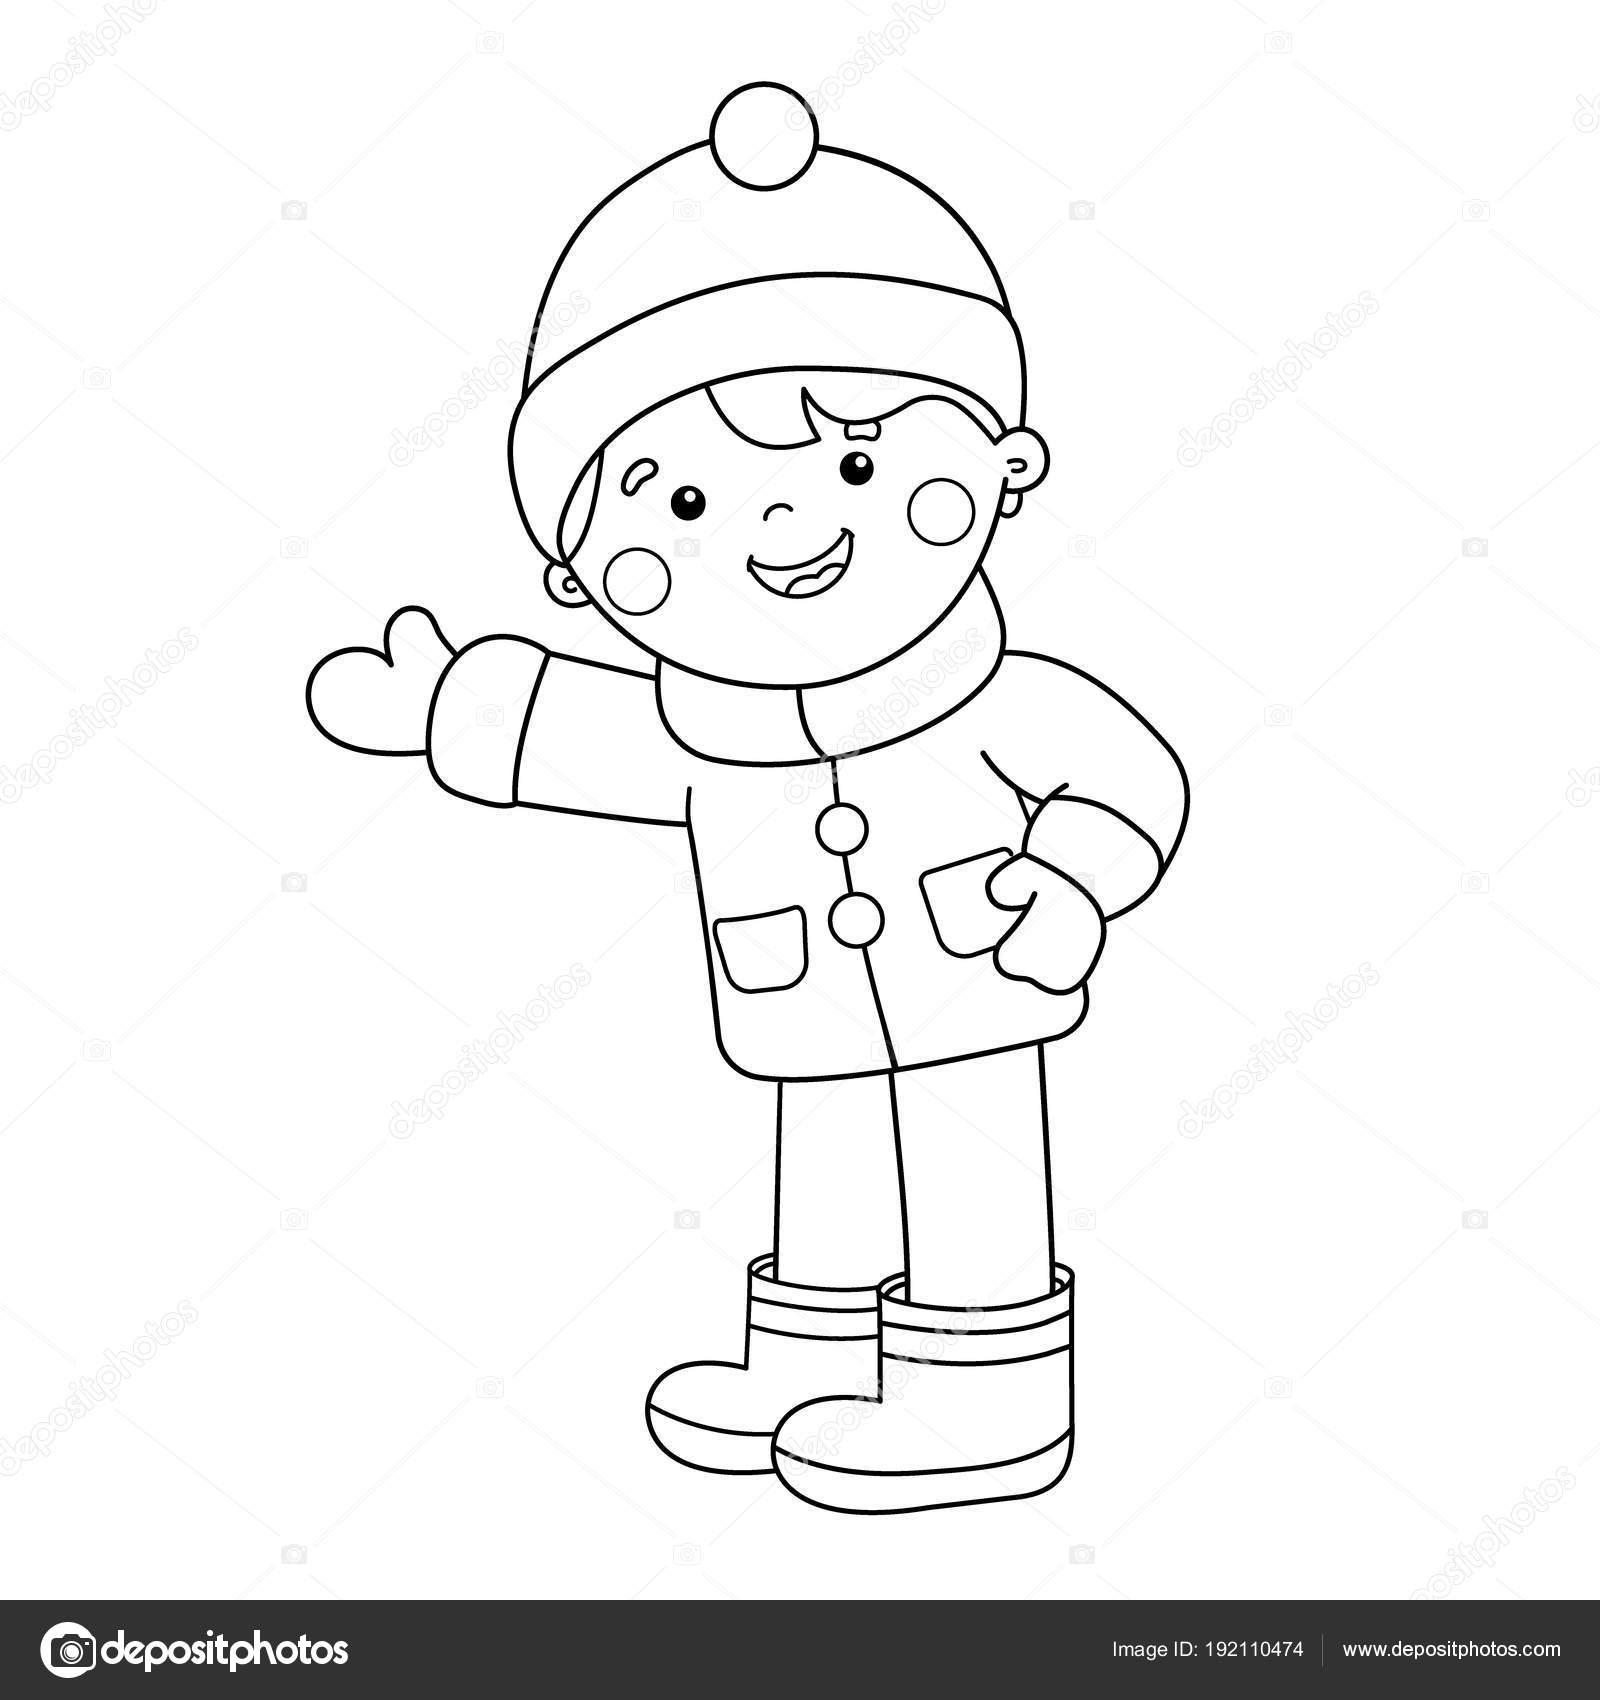 Colorear Página Esquema De Niño De Dibujos Animados Invierno Libro